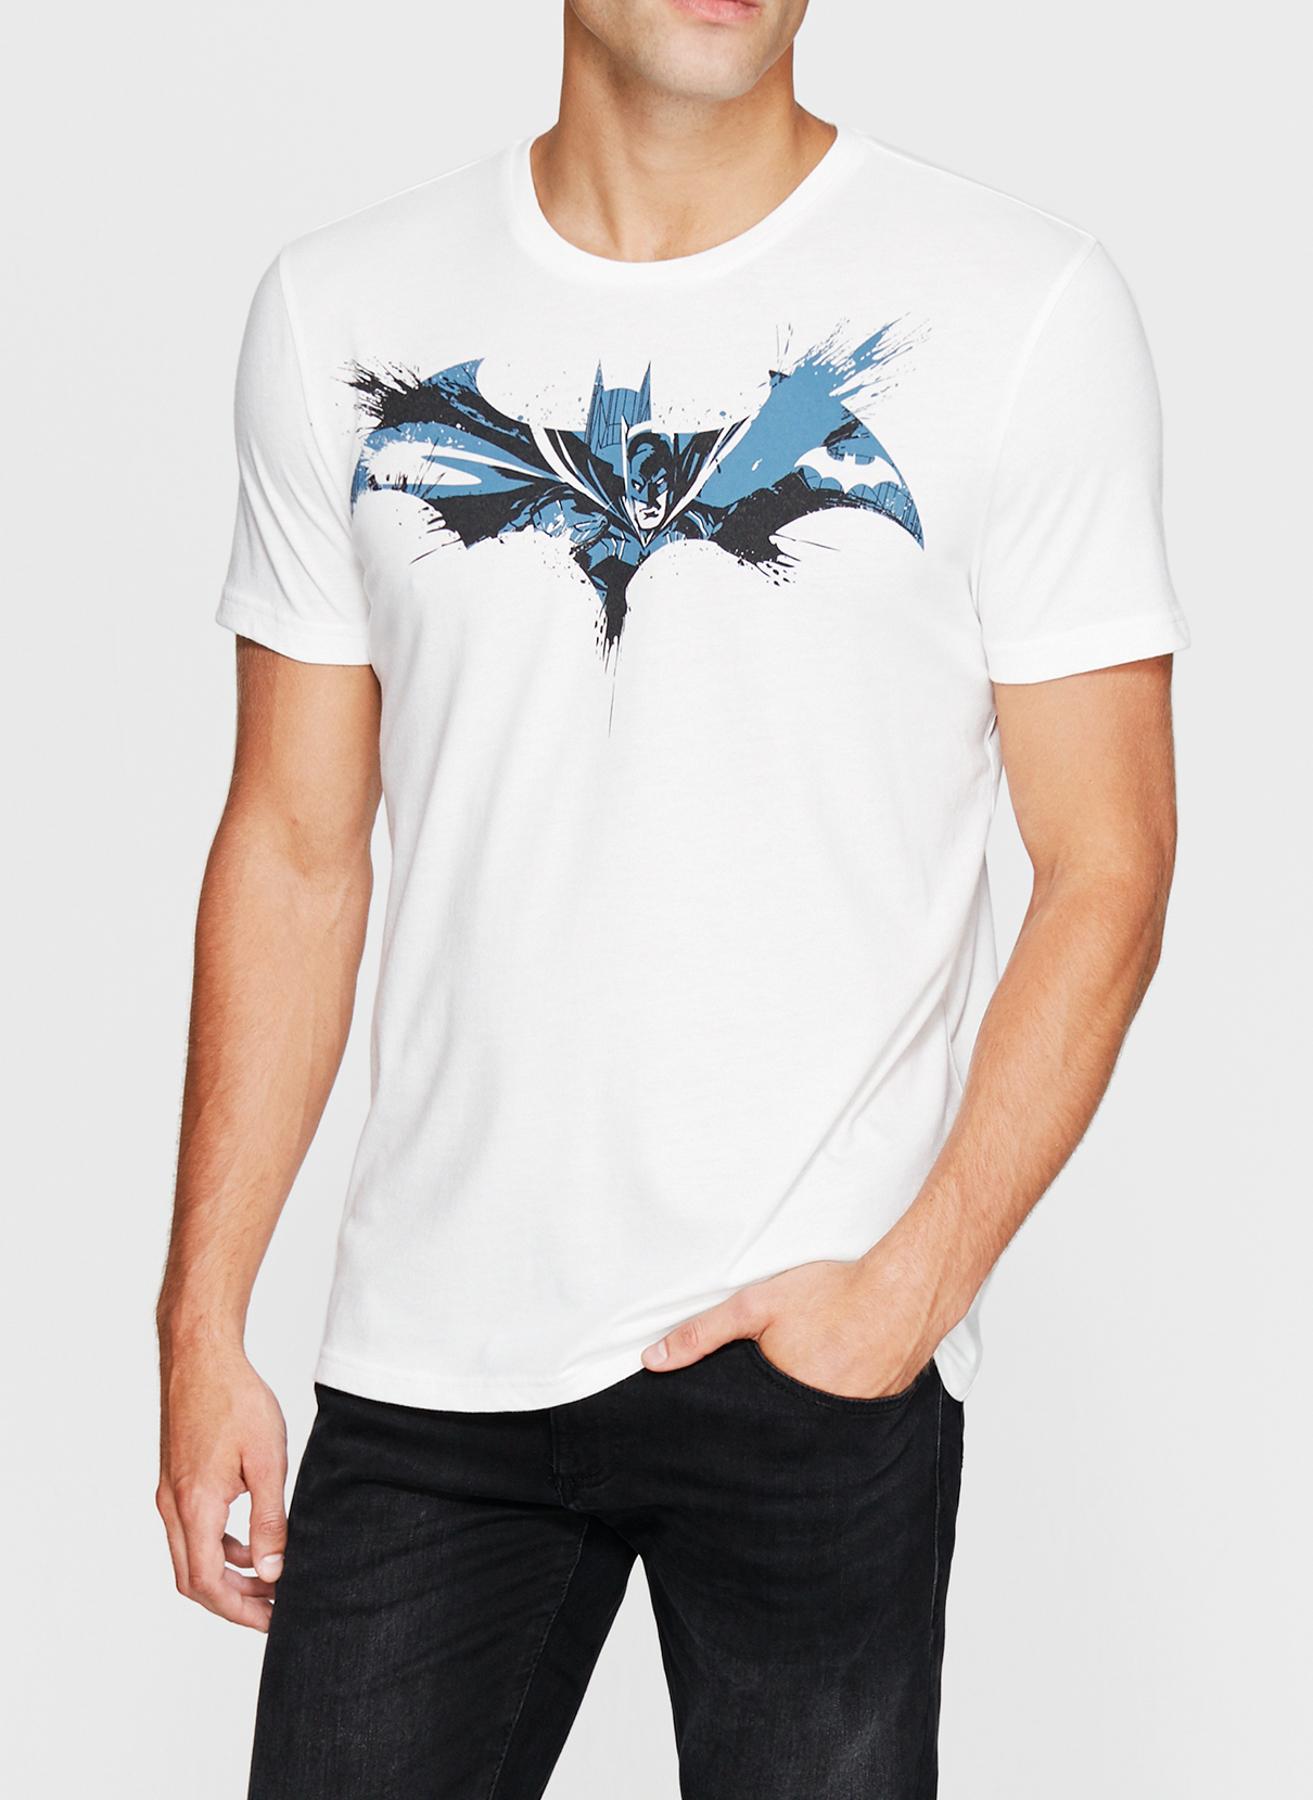 Mavi T-Shirt M 5001705345003 Ürün Resmi